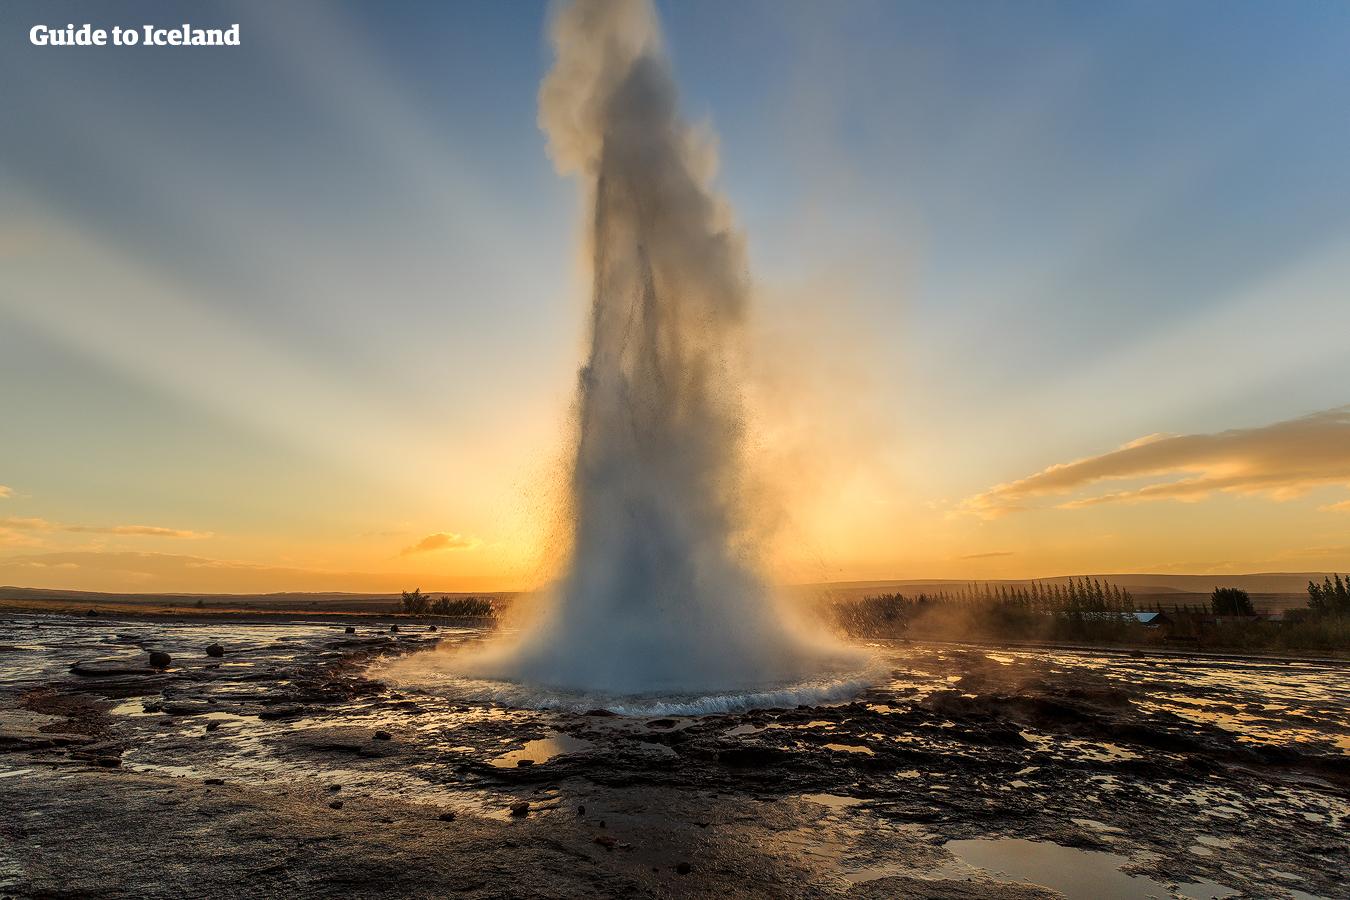 冰岛地热运动活跃,在黄金圈三大景区之一的盖歇尔间歇泉地热区最为明显。